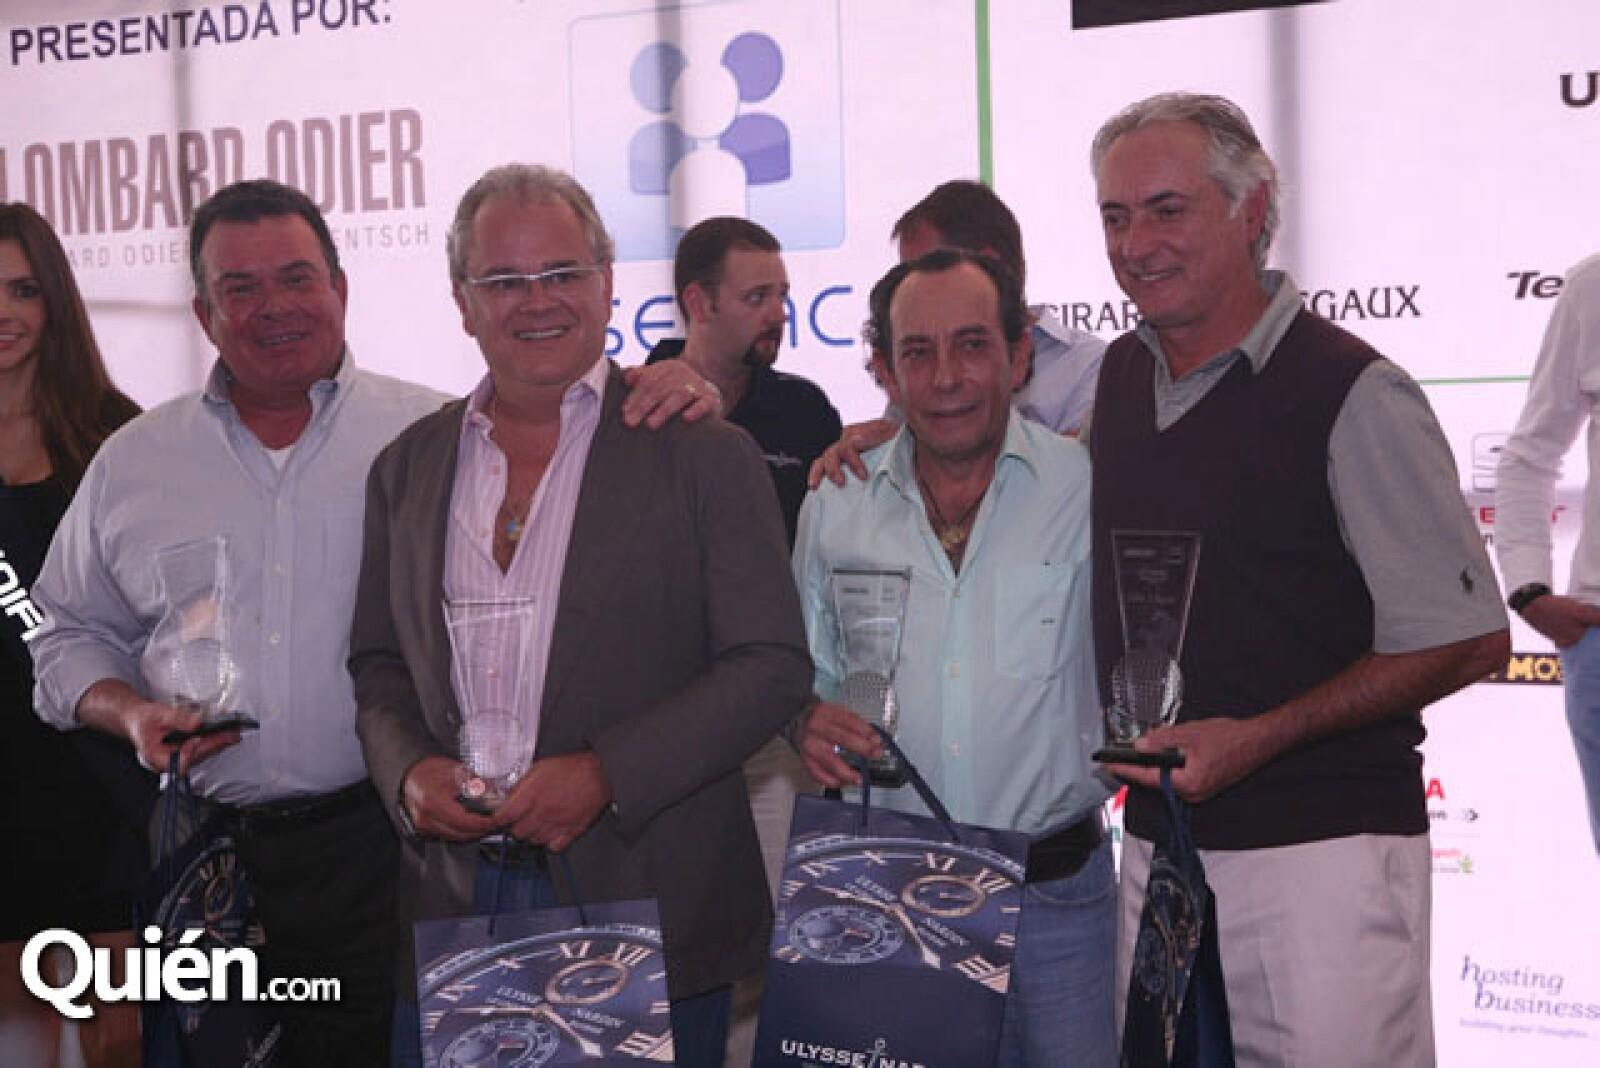 Carlos aguirre,Jaime Prieto,Eduardo Oveja,Rodrigo Lebois